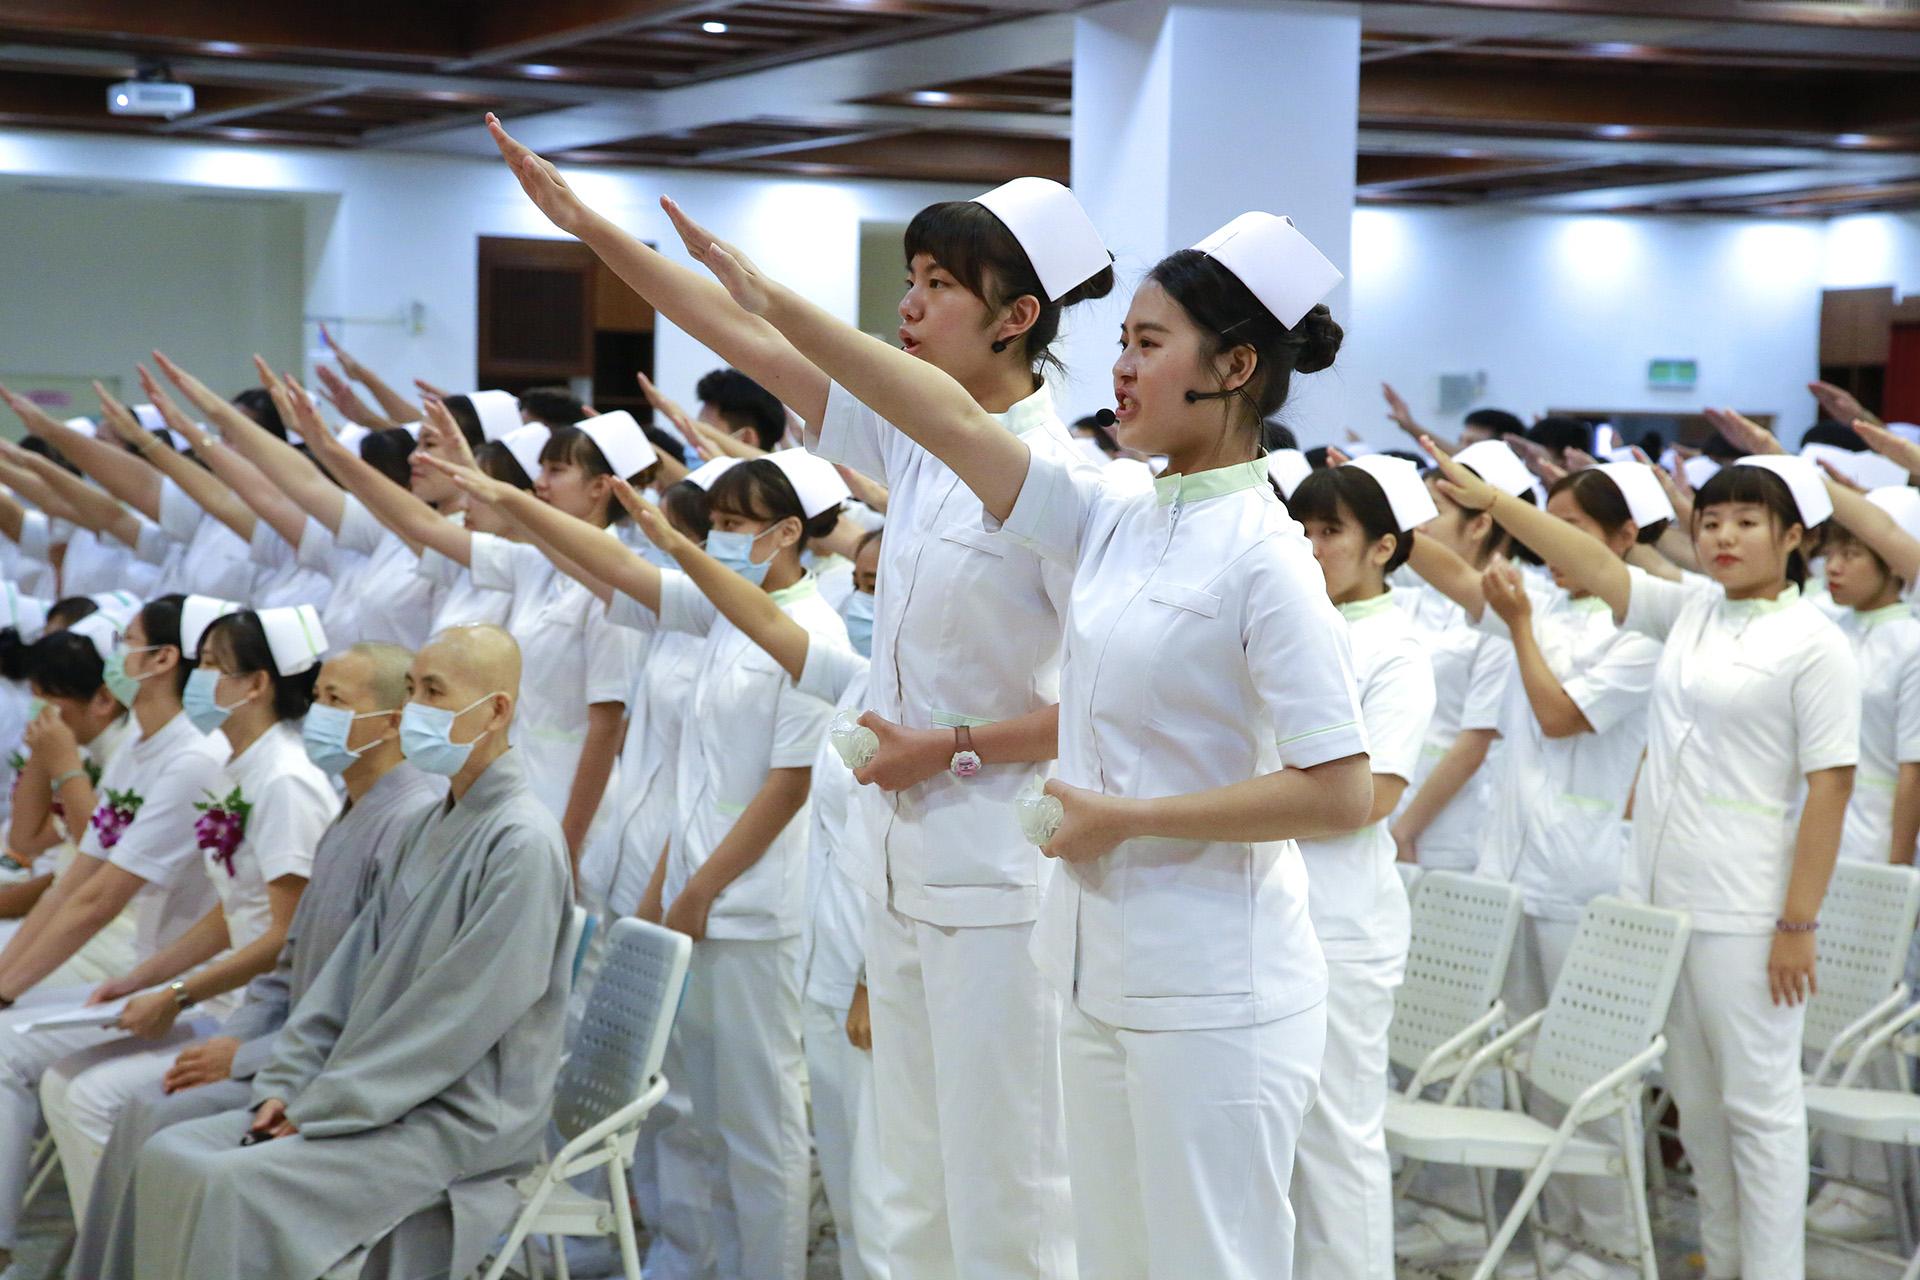 加冠學生齊聲宣誓。